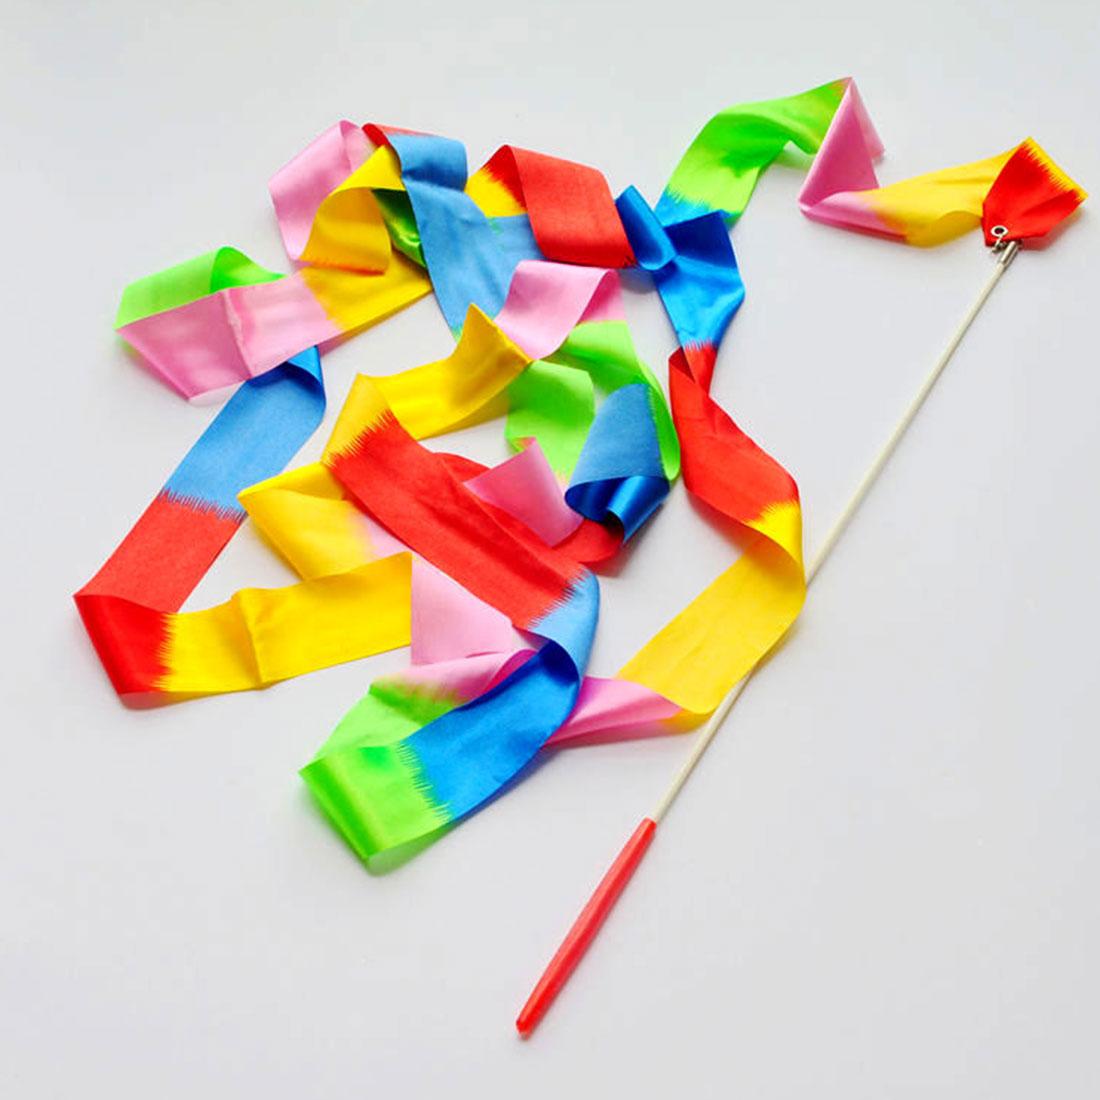 10pc 4M Art Gym Rhythmic Gymnastic Dance Ribbon Streamer Twirling Rod Stick Wand